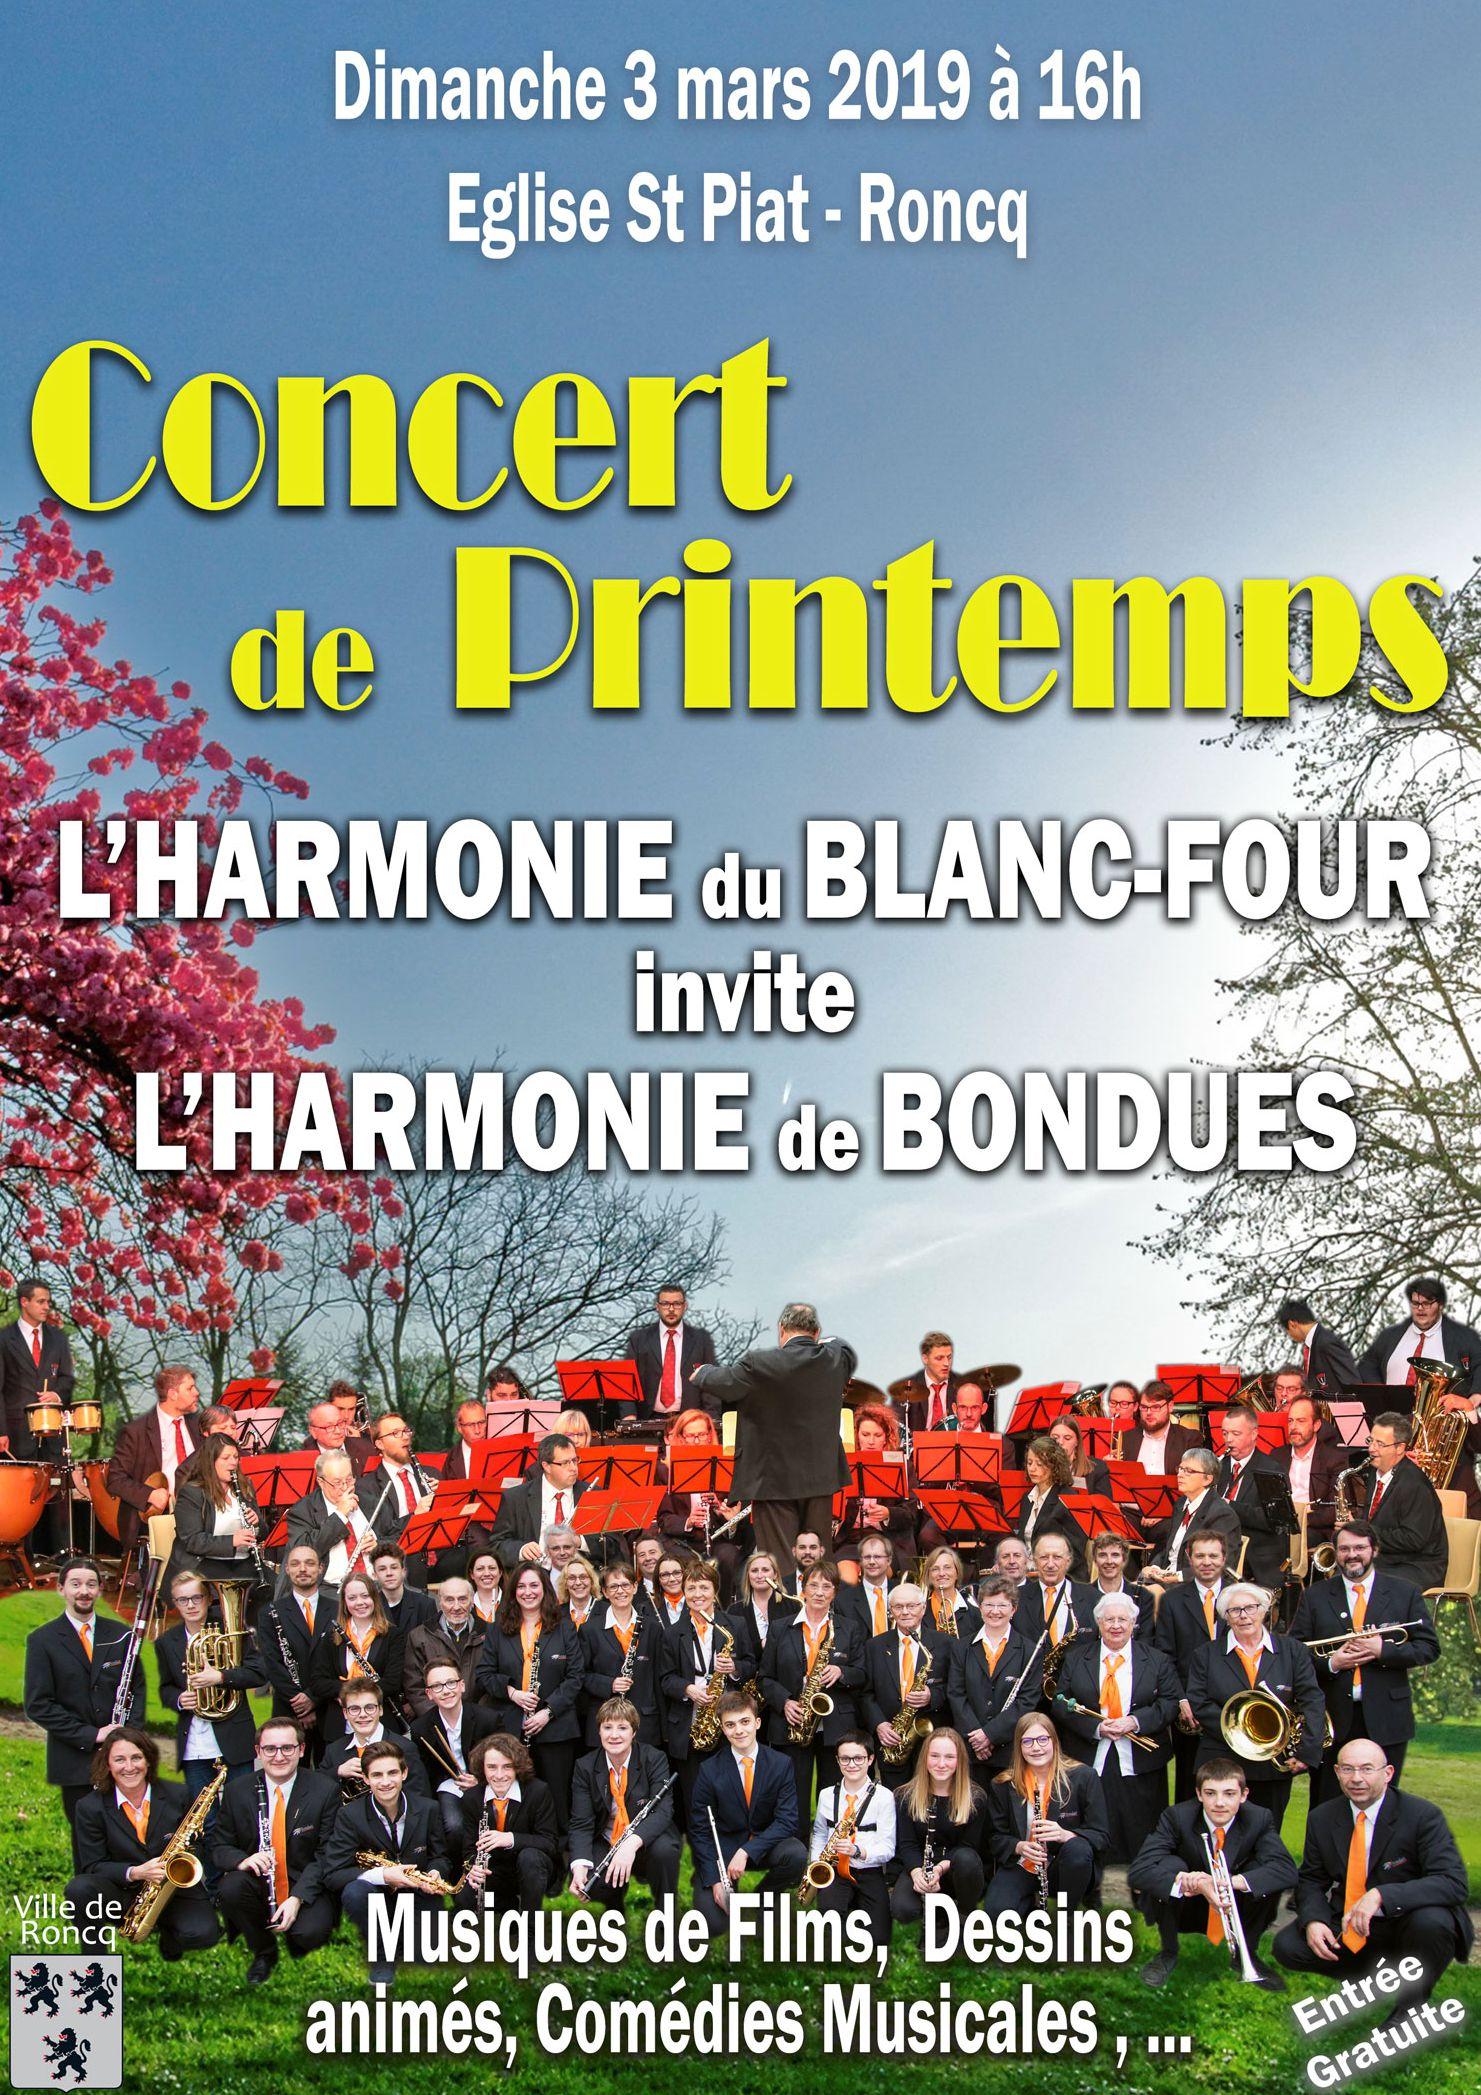 Concert avec l'harmonie du Blanc Four @ Eglise St Piat, Roncq